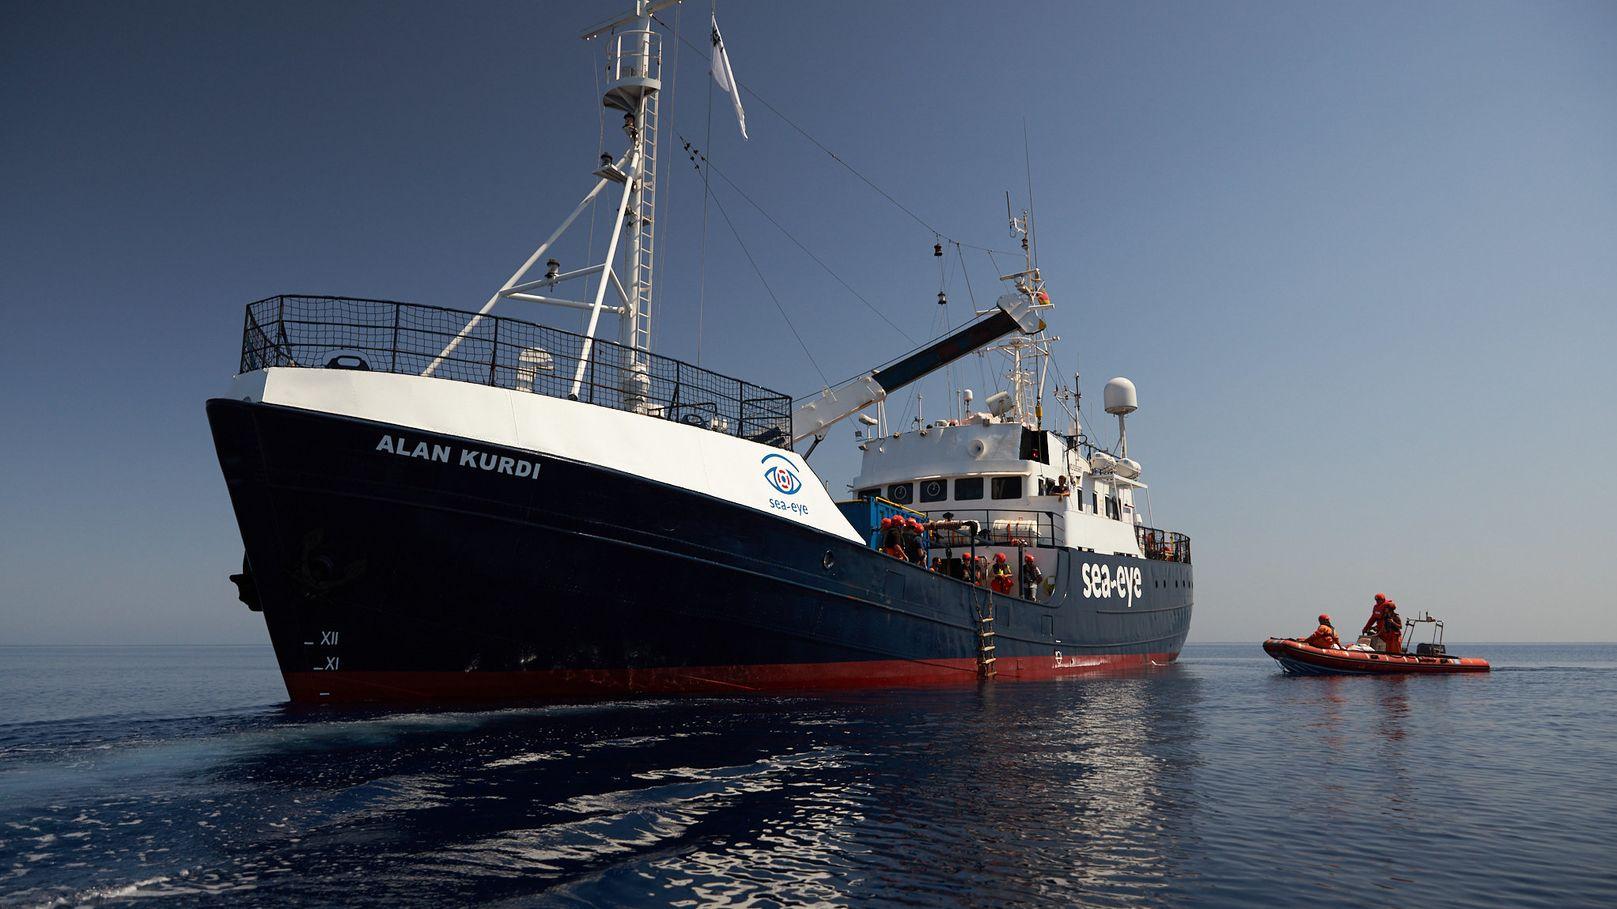 """Das Seenotrettungsschiff Alan Kurdi"""" auf dem Meer"""